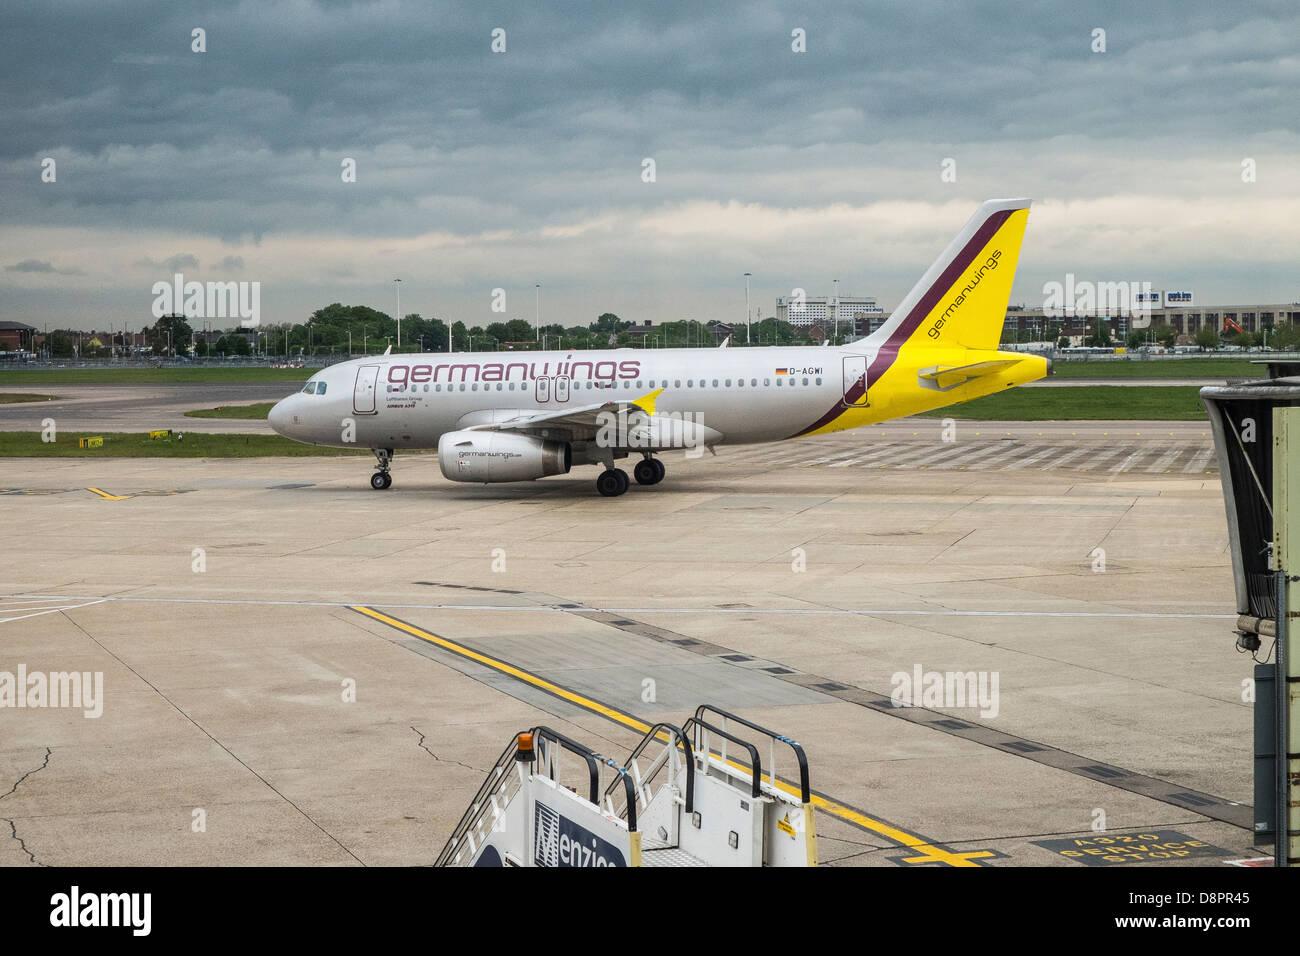 germanwings airplane on runway - Stock Image